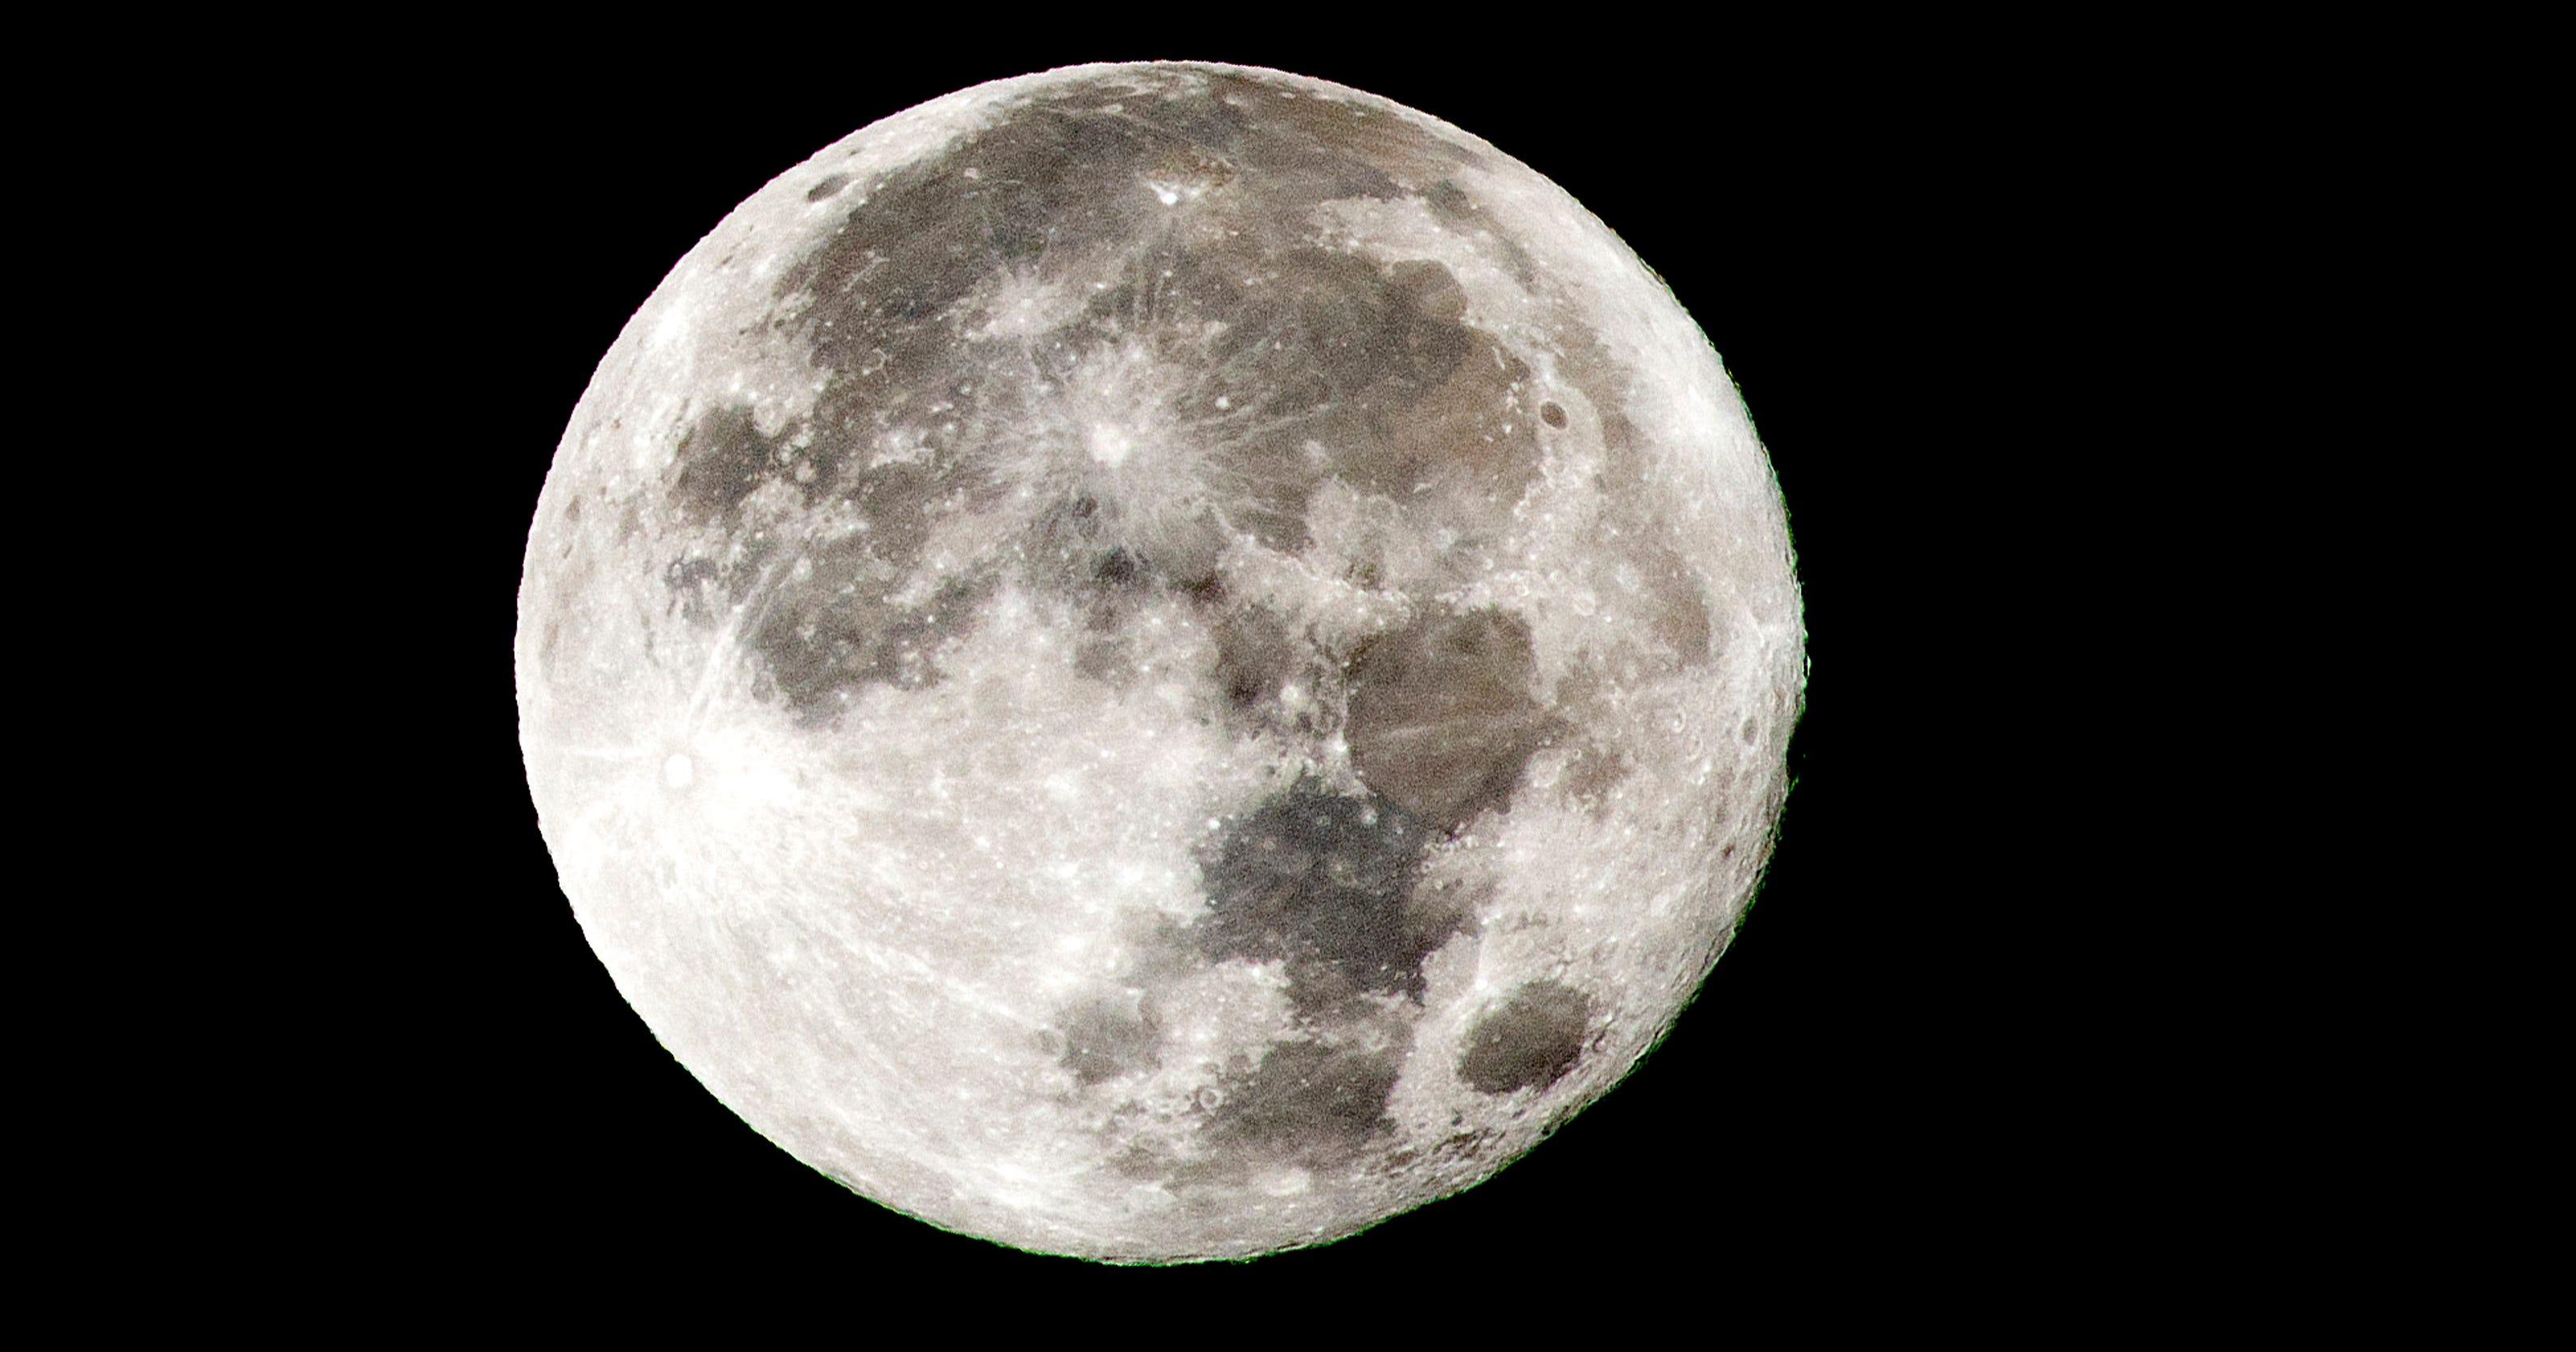 lunar deep space - photo #33